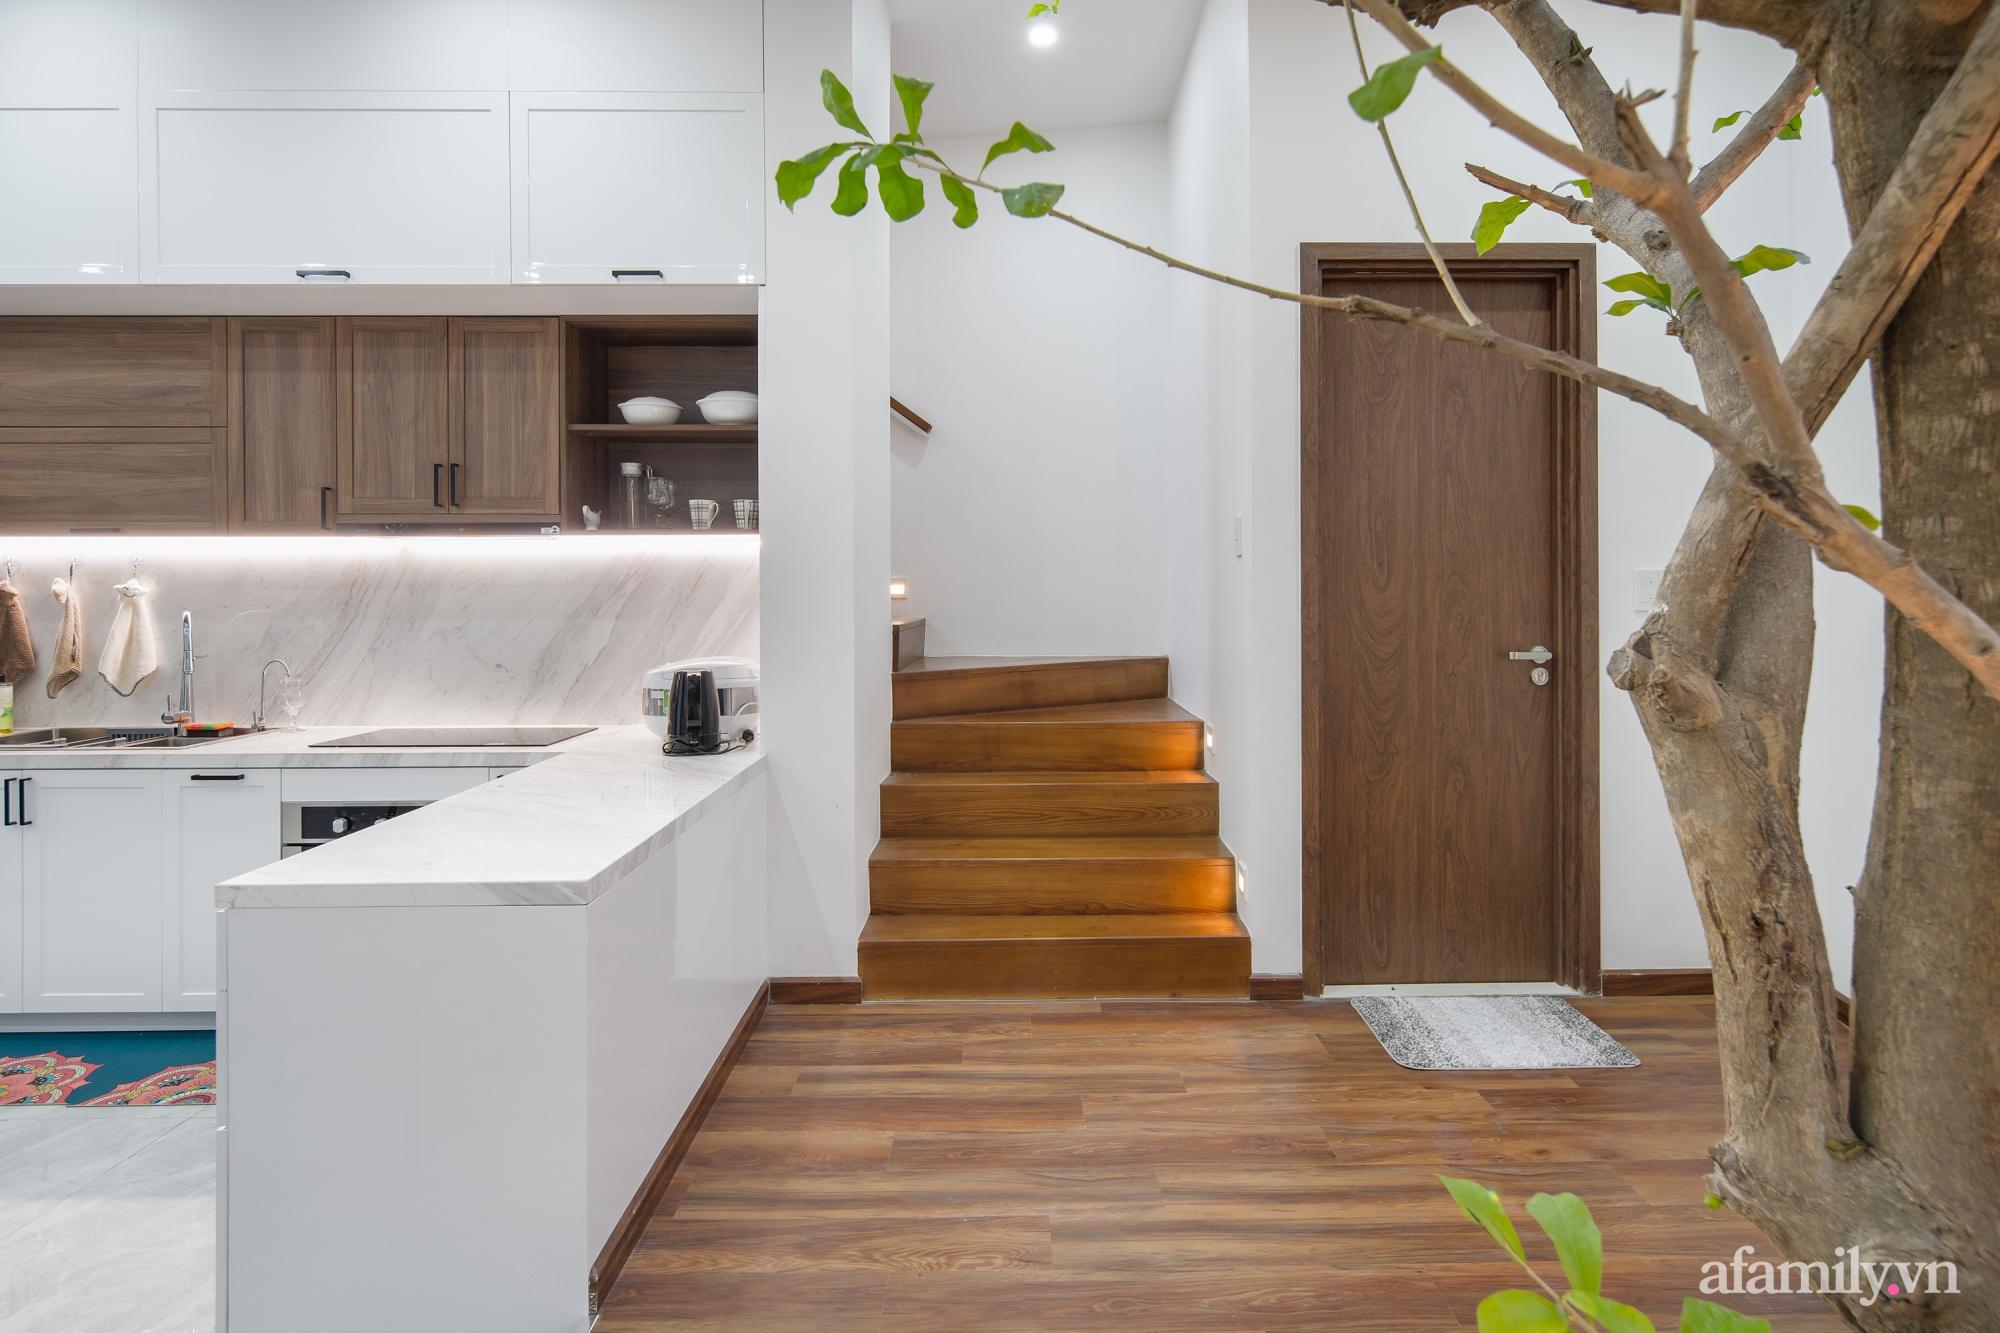 Nhà trong hẻm nhỏ vẫn ngập tràn ánh sáng, duyên dáng với nội thất tối giản ở Đà Nẵng - Ảnh 12.